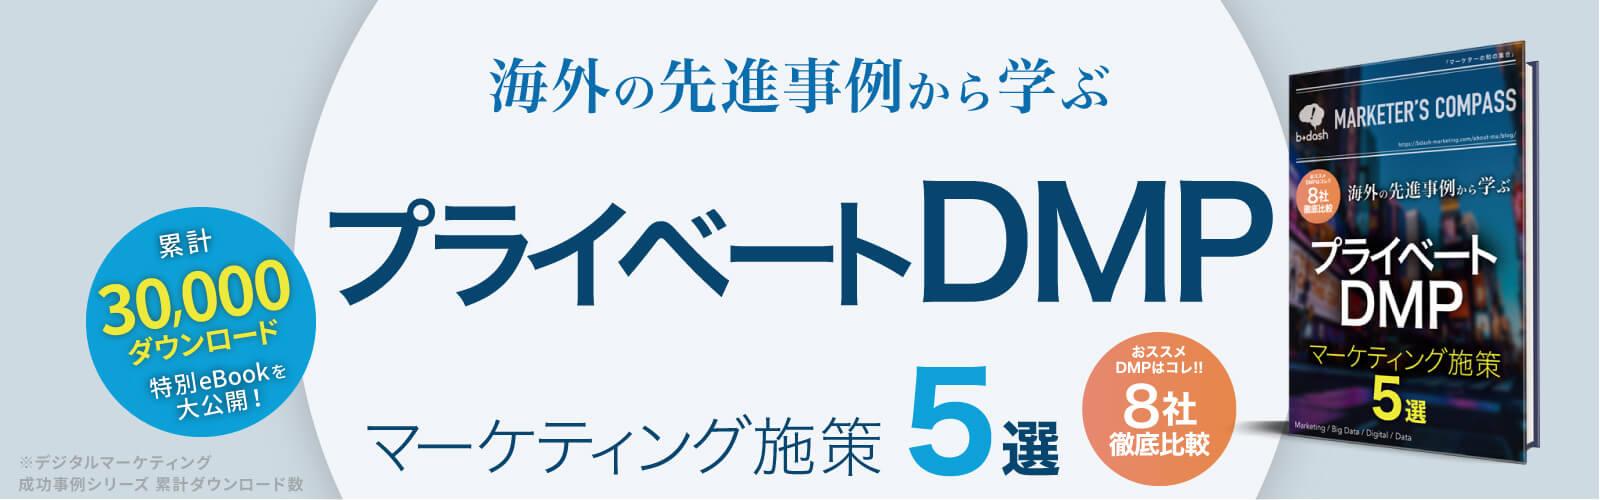 海外の先進事例から学ぶ「プライベートDMP」マーケティング施策 5選